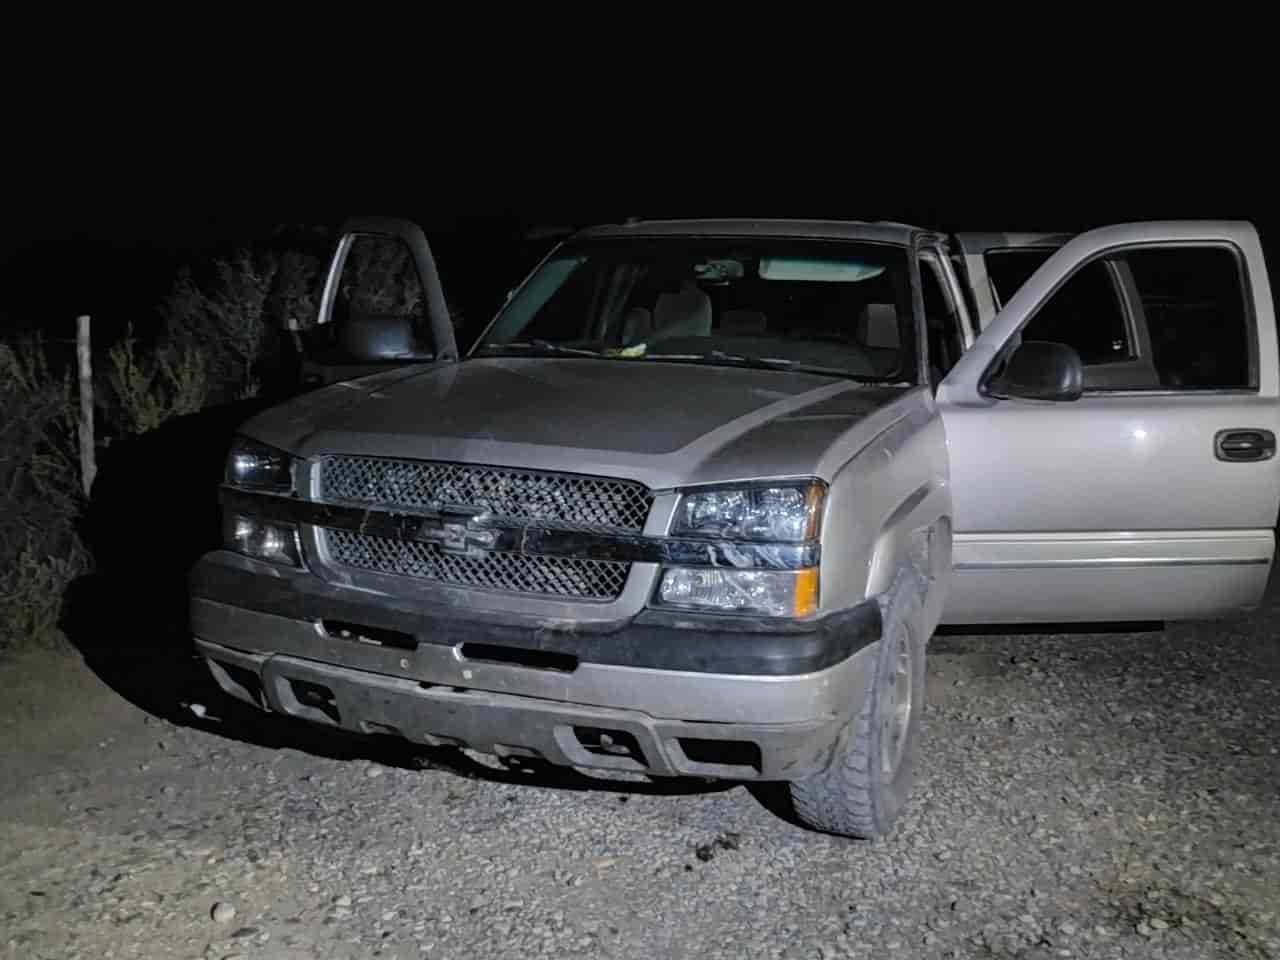 Hombres armados dejó abandonada una camioneta y se dieron a la fuga